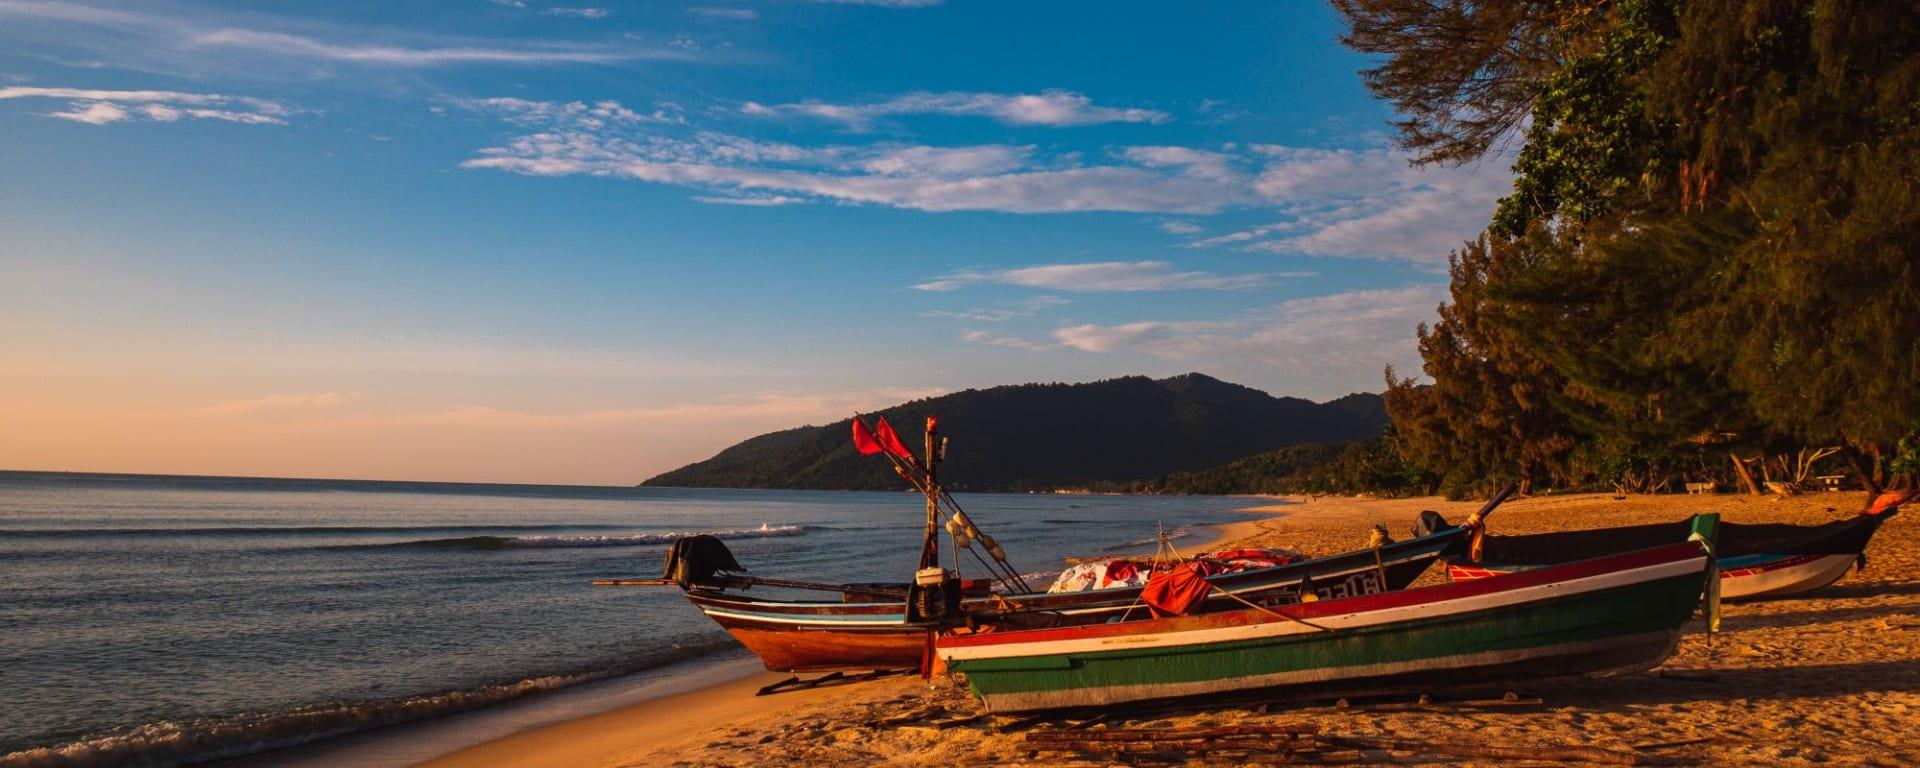 Von Küste zu Küste im Süden Thailands ab Krabi: Khanom Beach with Long Tail Boats